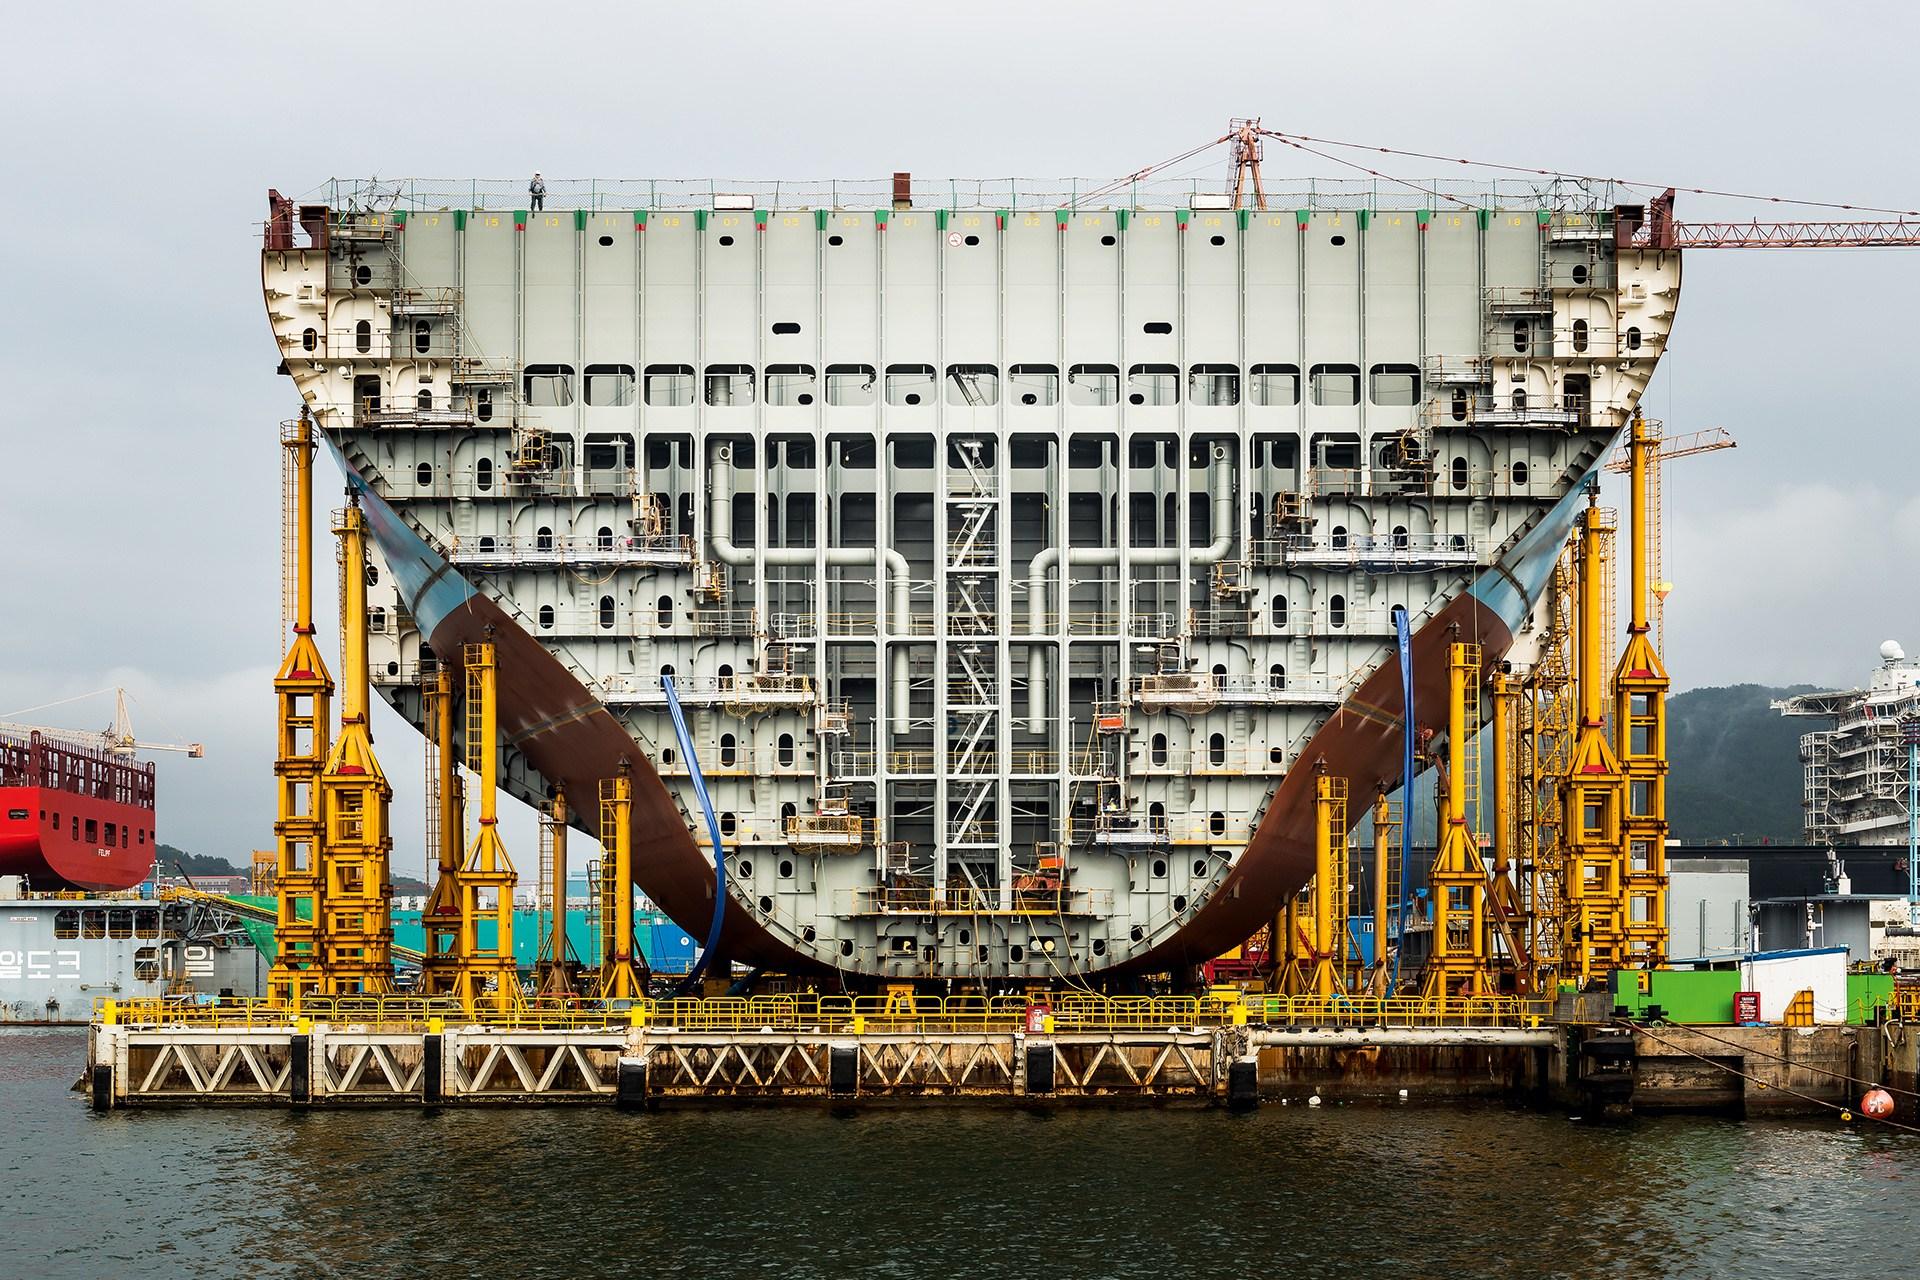 фотографии трюма морского грузового корабля всё великолепие